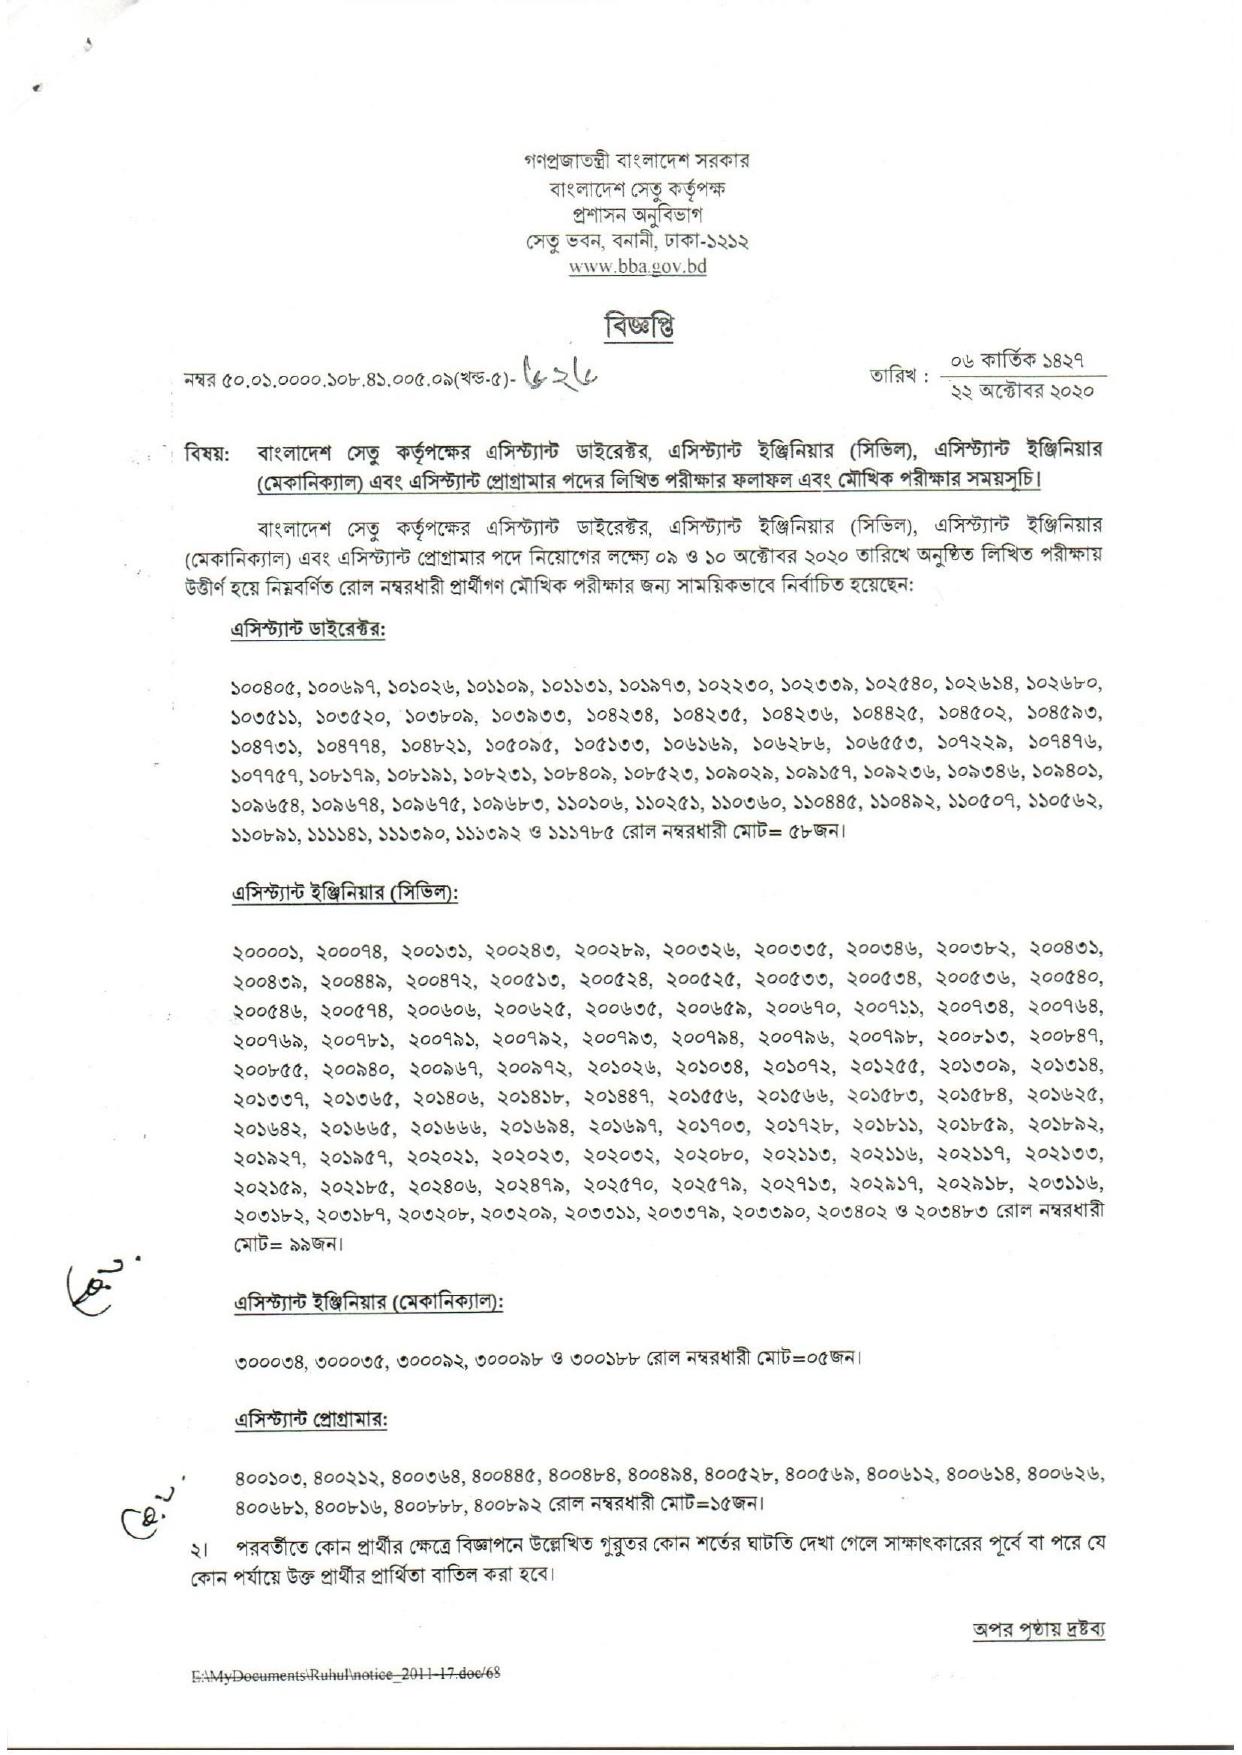 bba exam result 2020 (2)